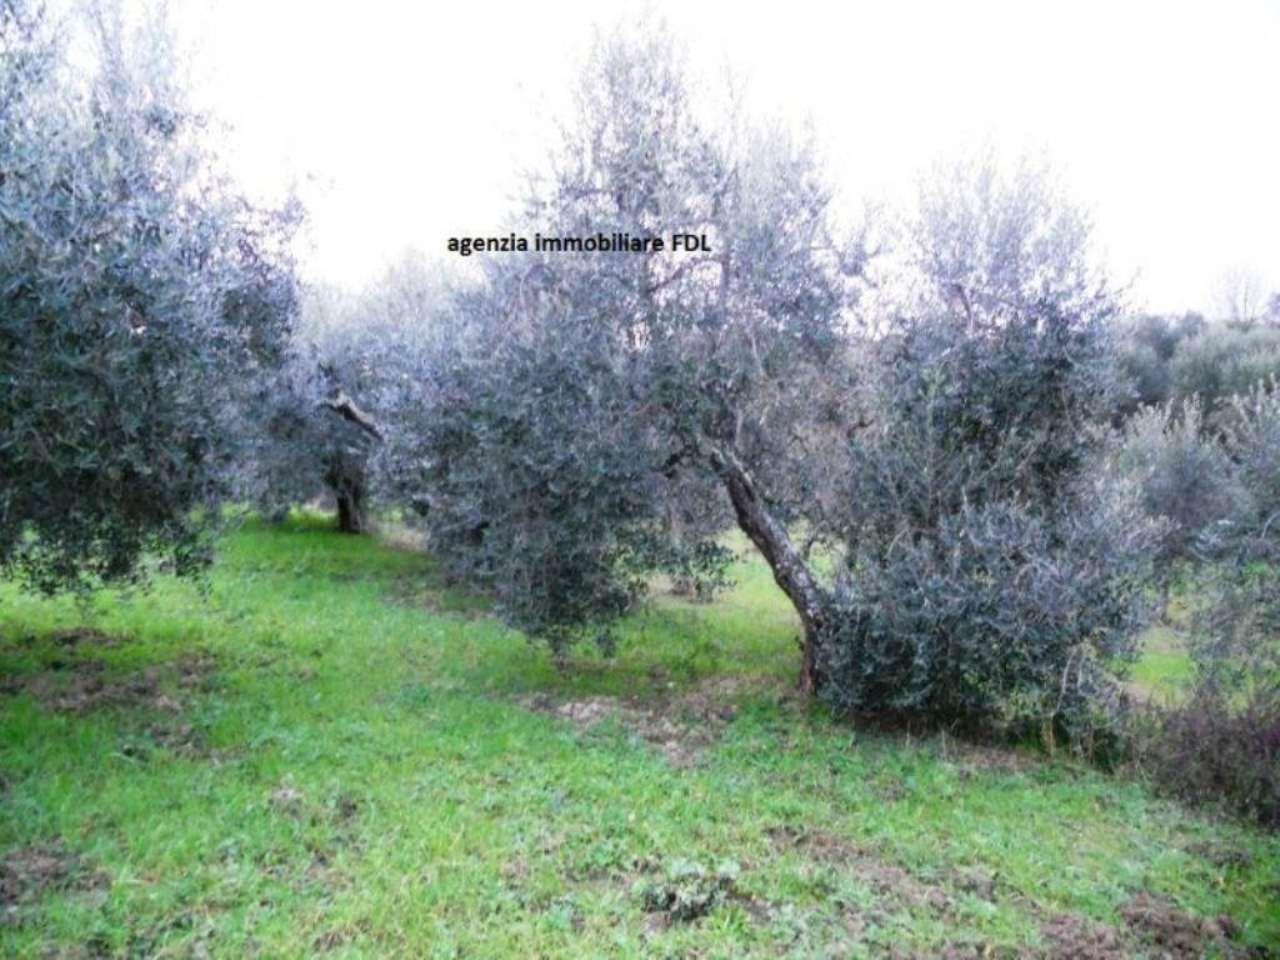 Terreno Agricolo in vendita a Casciana Terme Lari, 1 locali, prezzo € 25.000 | PortaleAgenzieImmobiliari.it